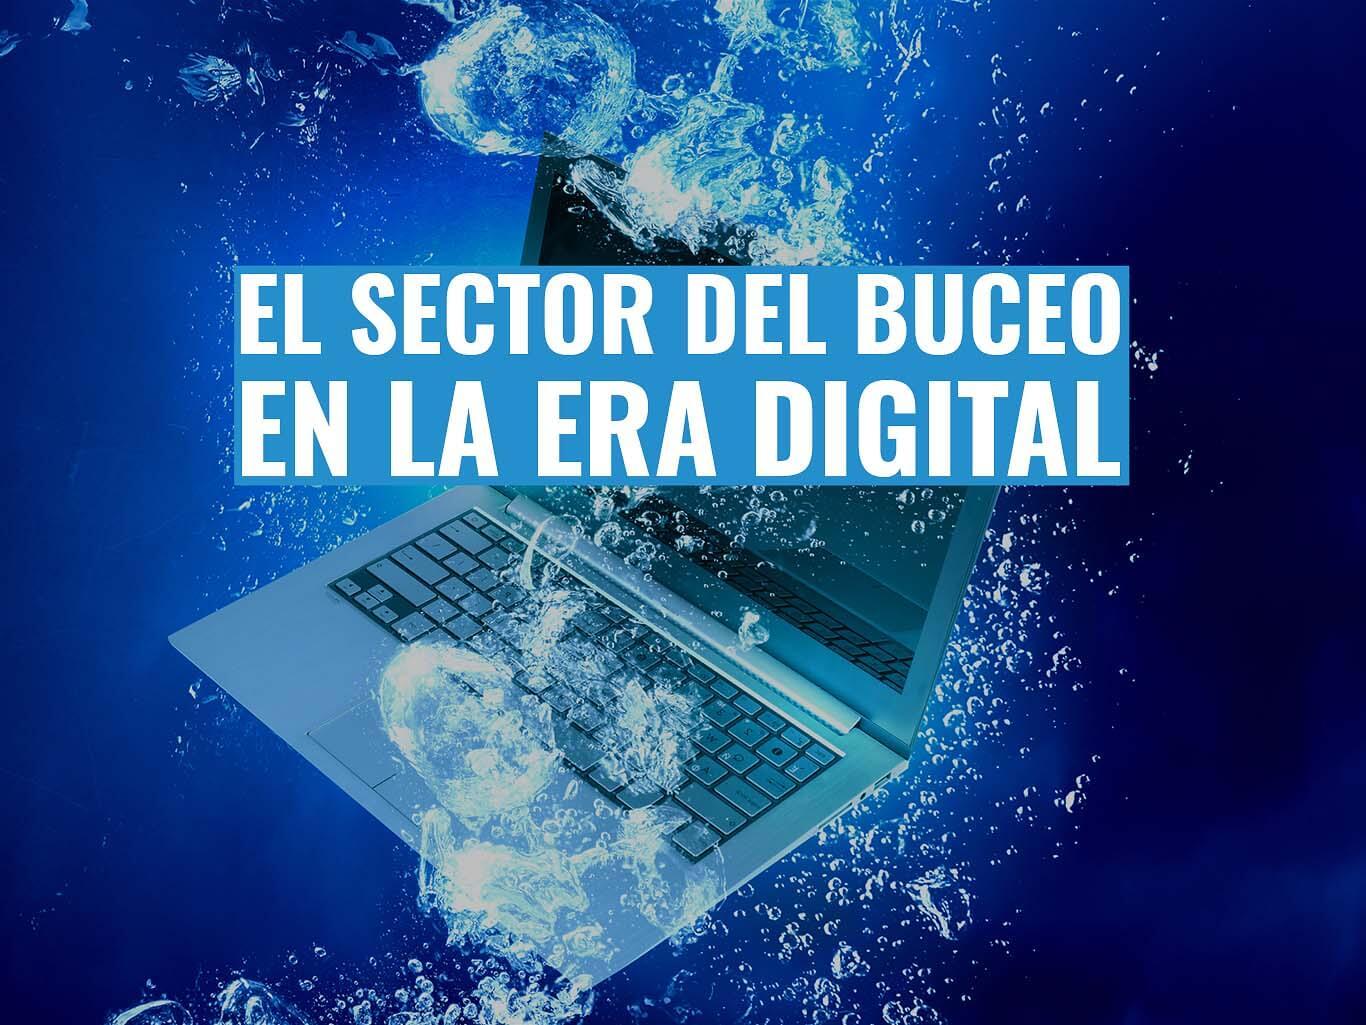 los negocios de buceo en la era digital